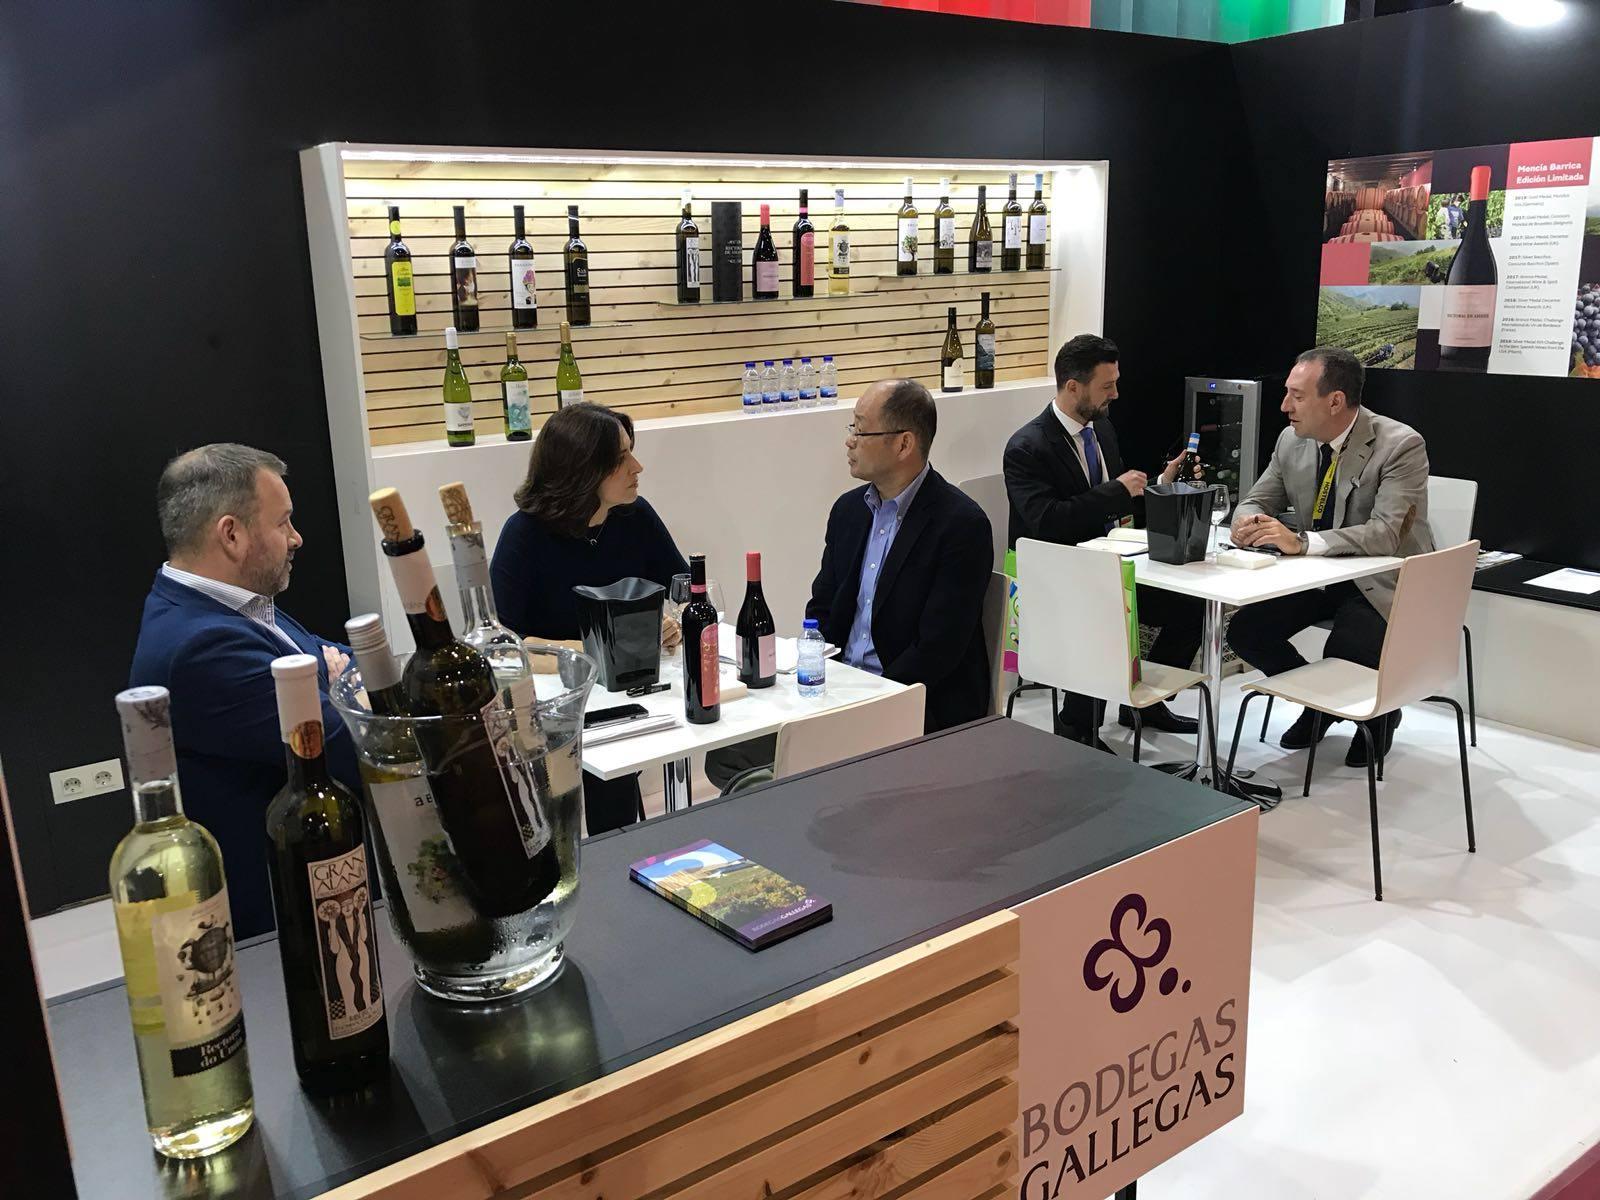 (Español) Los vinos de Bodegas Gallegas reciben más de veinte premios internacionales en lo que va de año